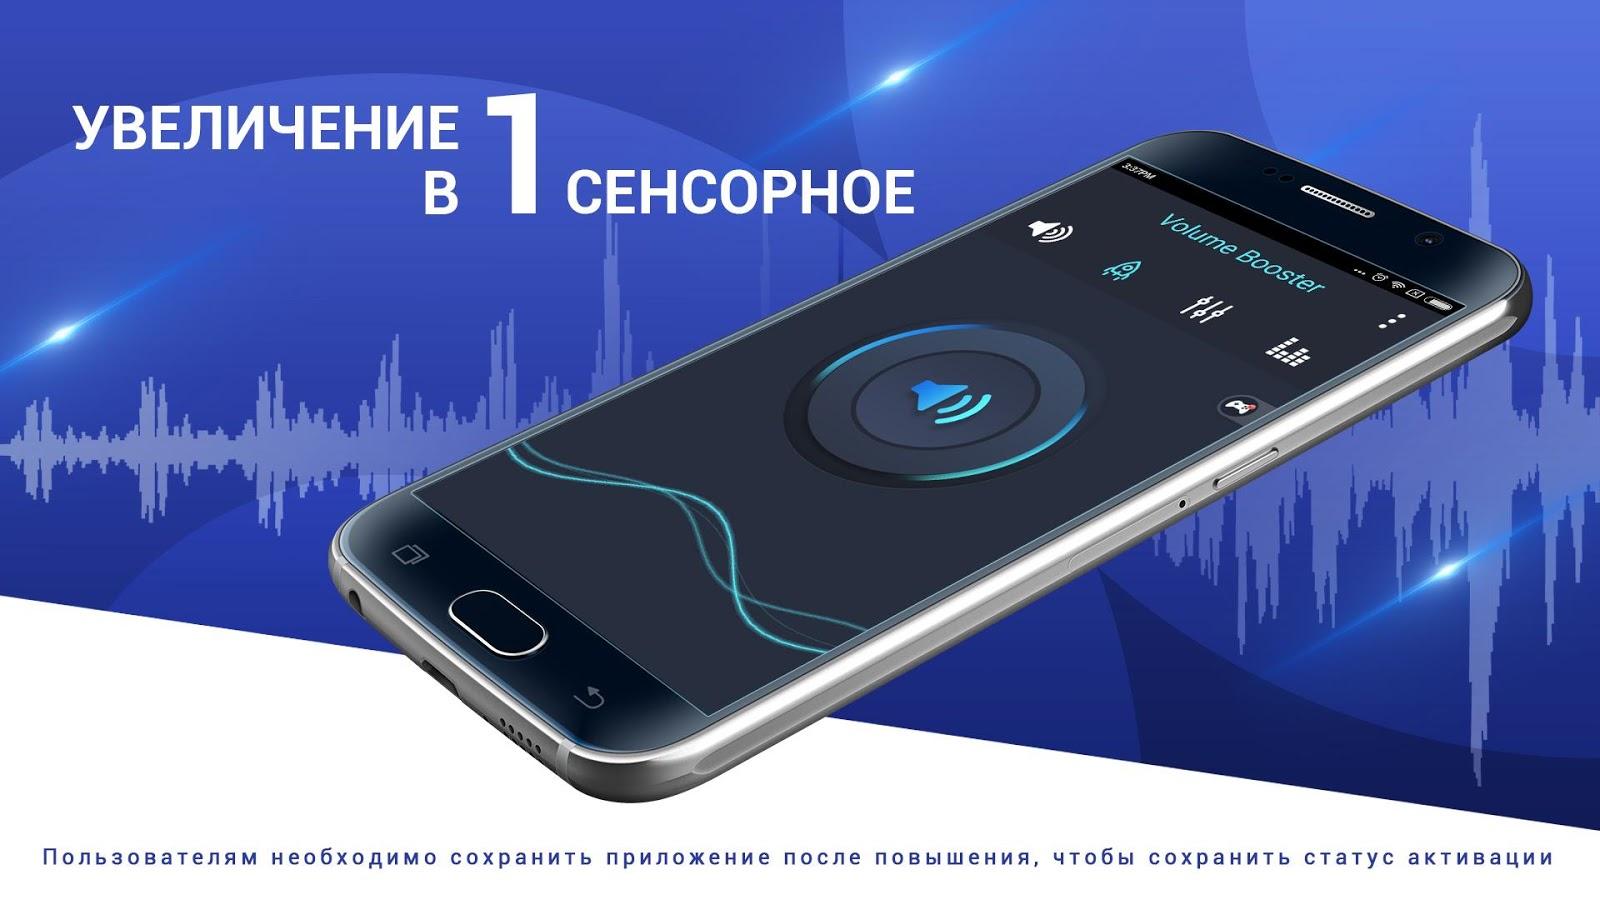 Скачать бесплатно 3 d звуки на телефон